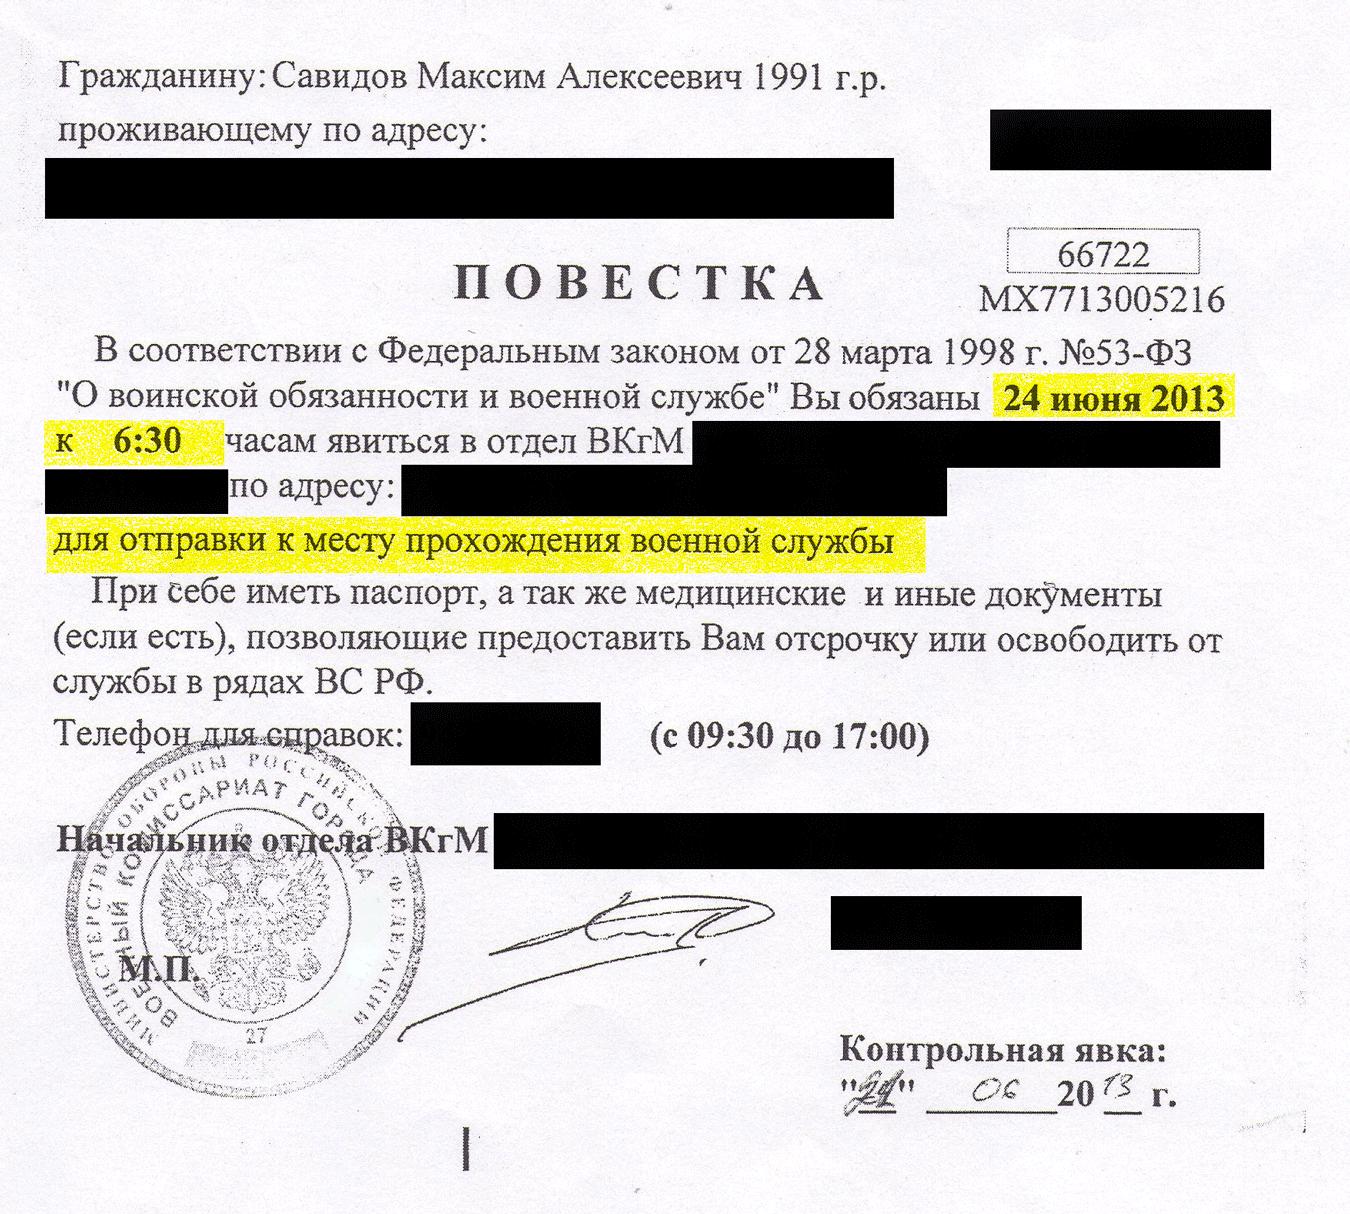 Дата отправки в войска — 24 июня, а по справке из университета у меня отсрочка до 1 июля. Нарушение! И основание для иска